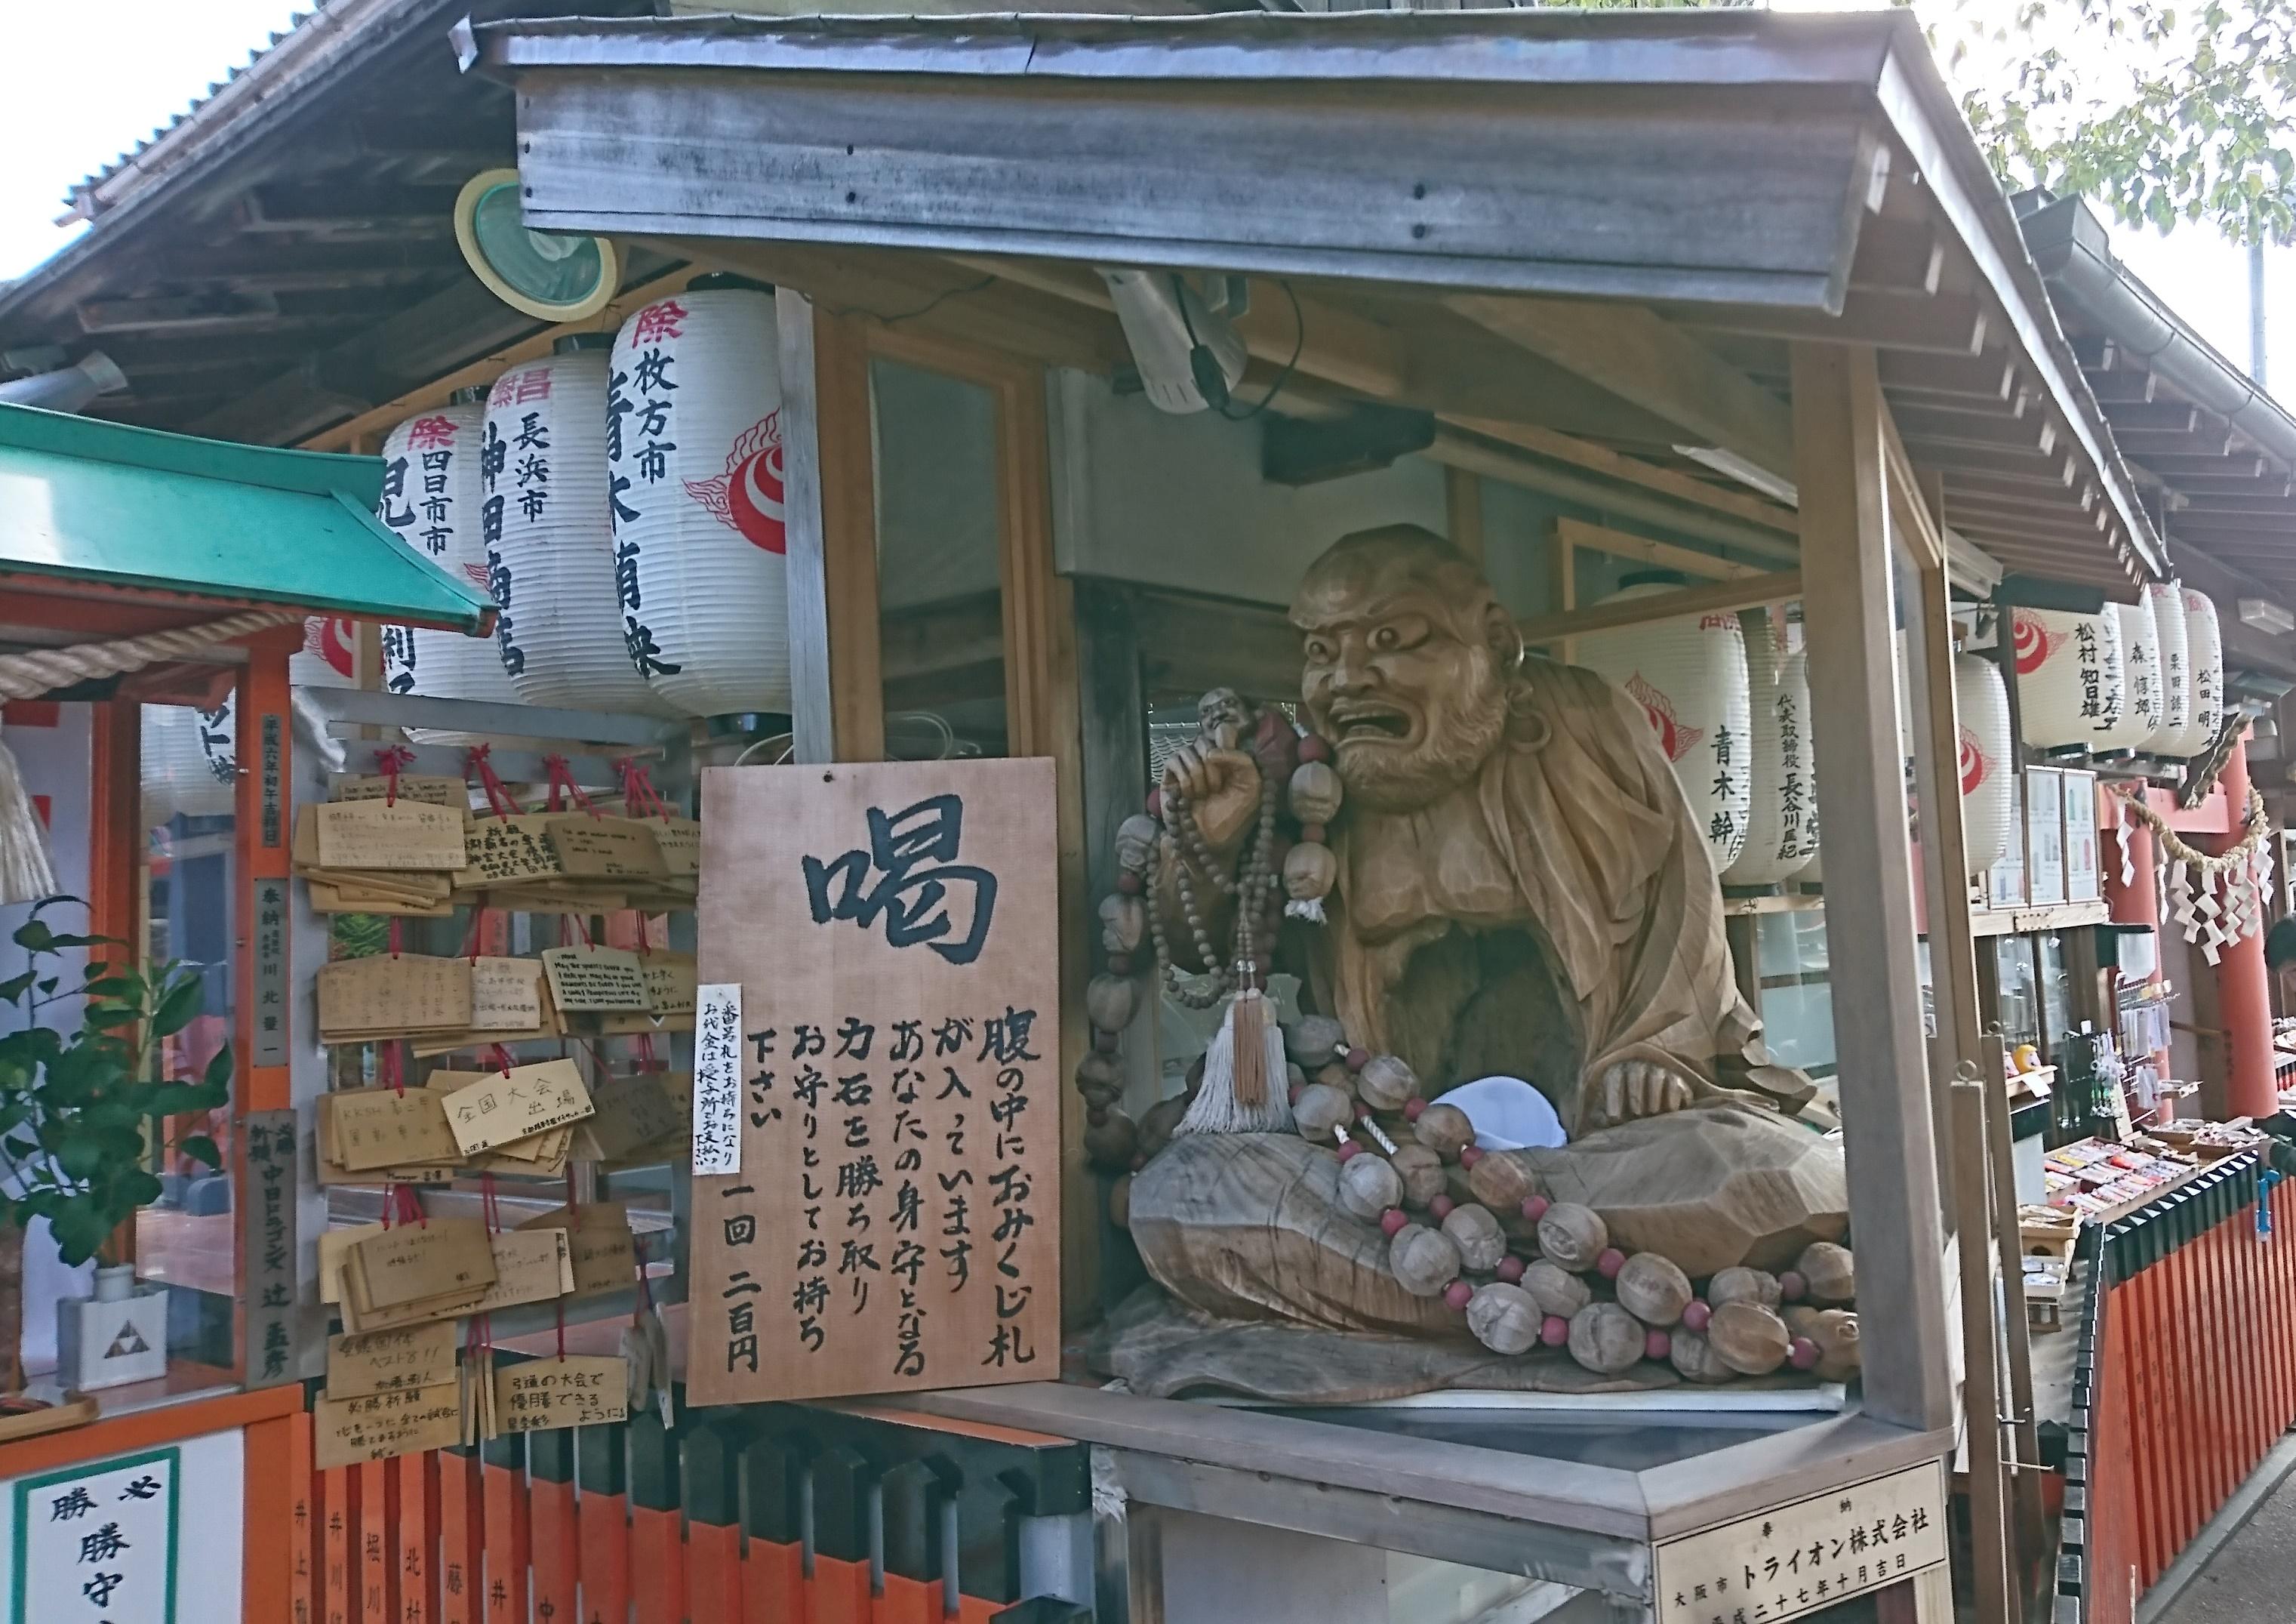 伏見稲荷大社の裏参道にある喝法師像